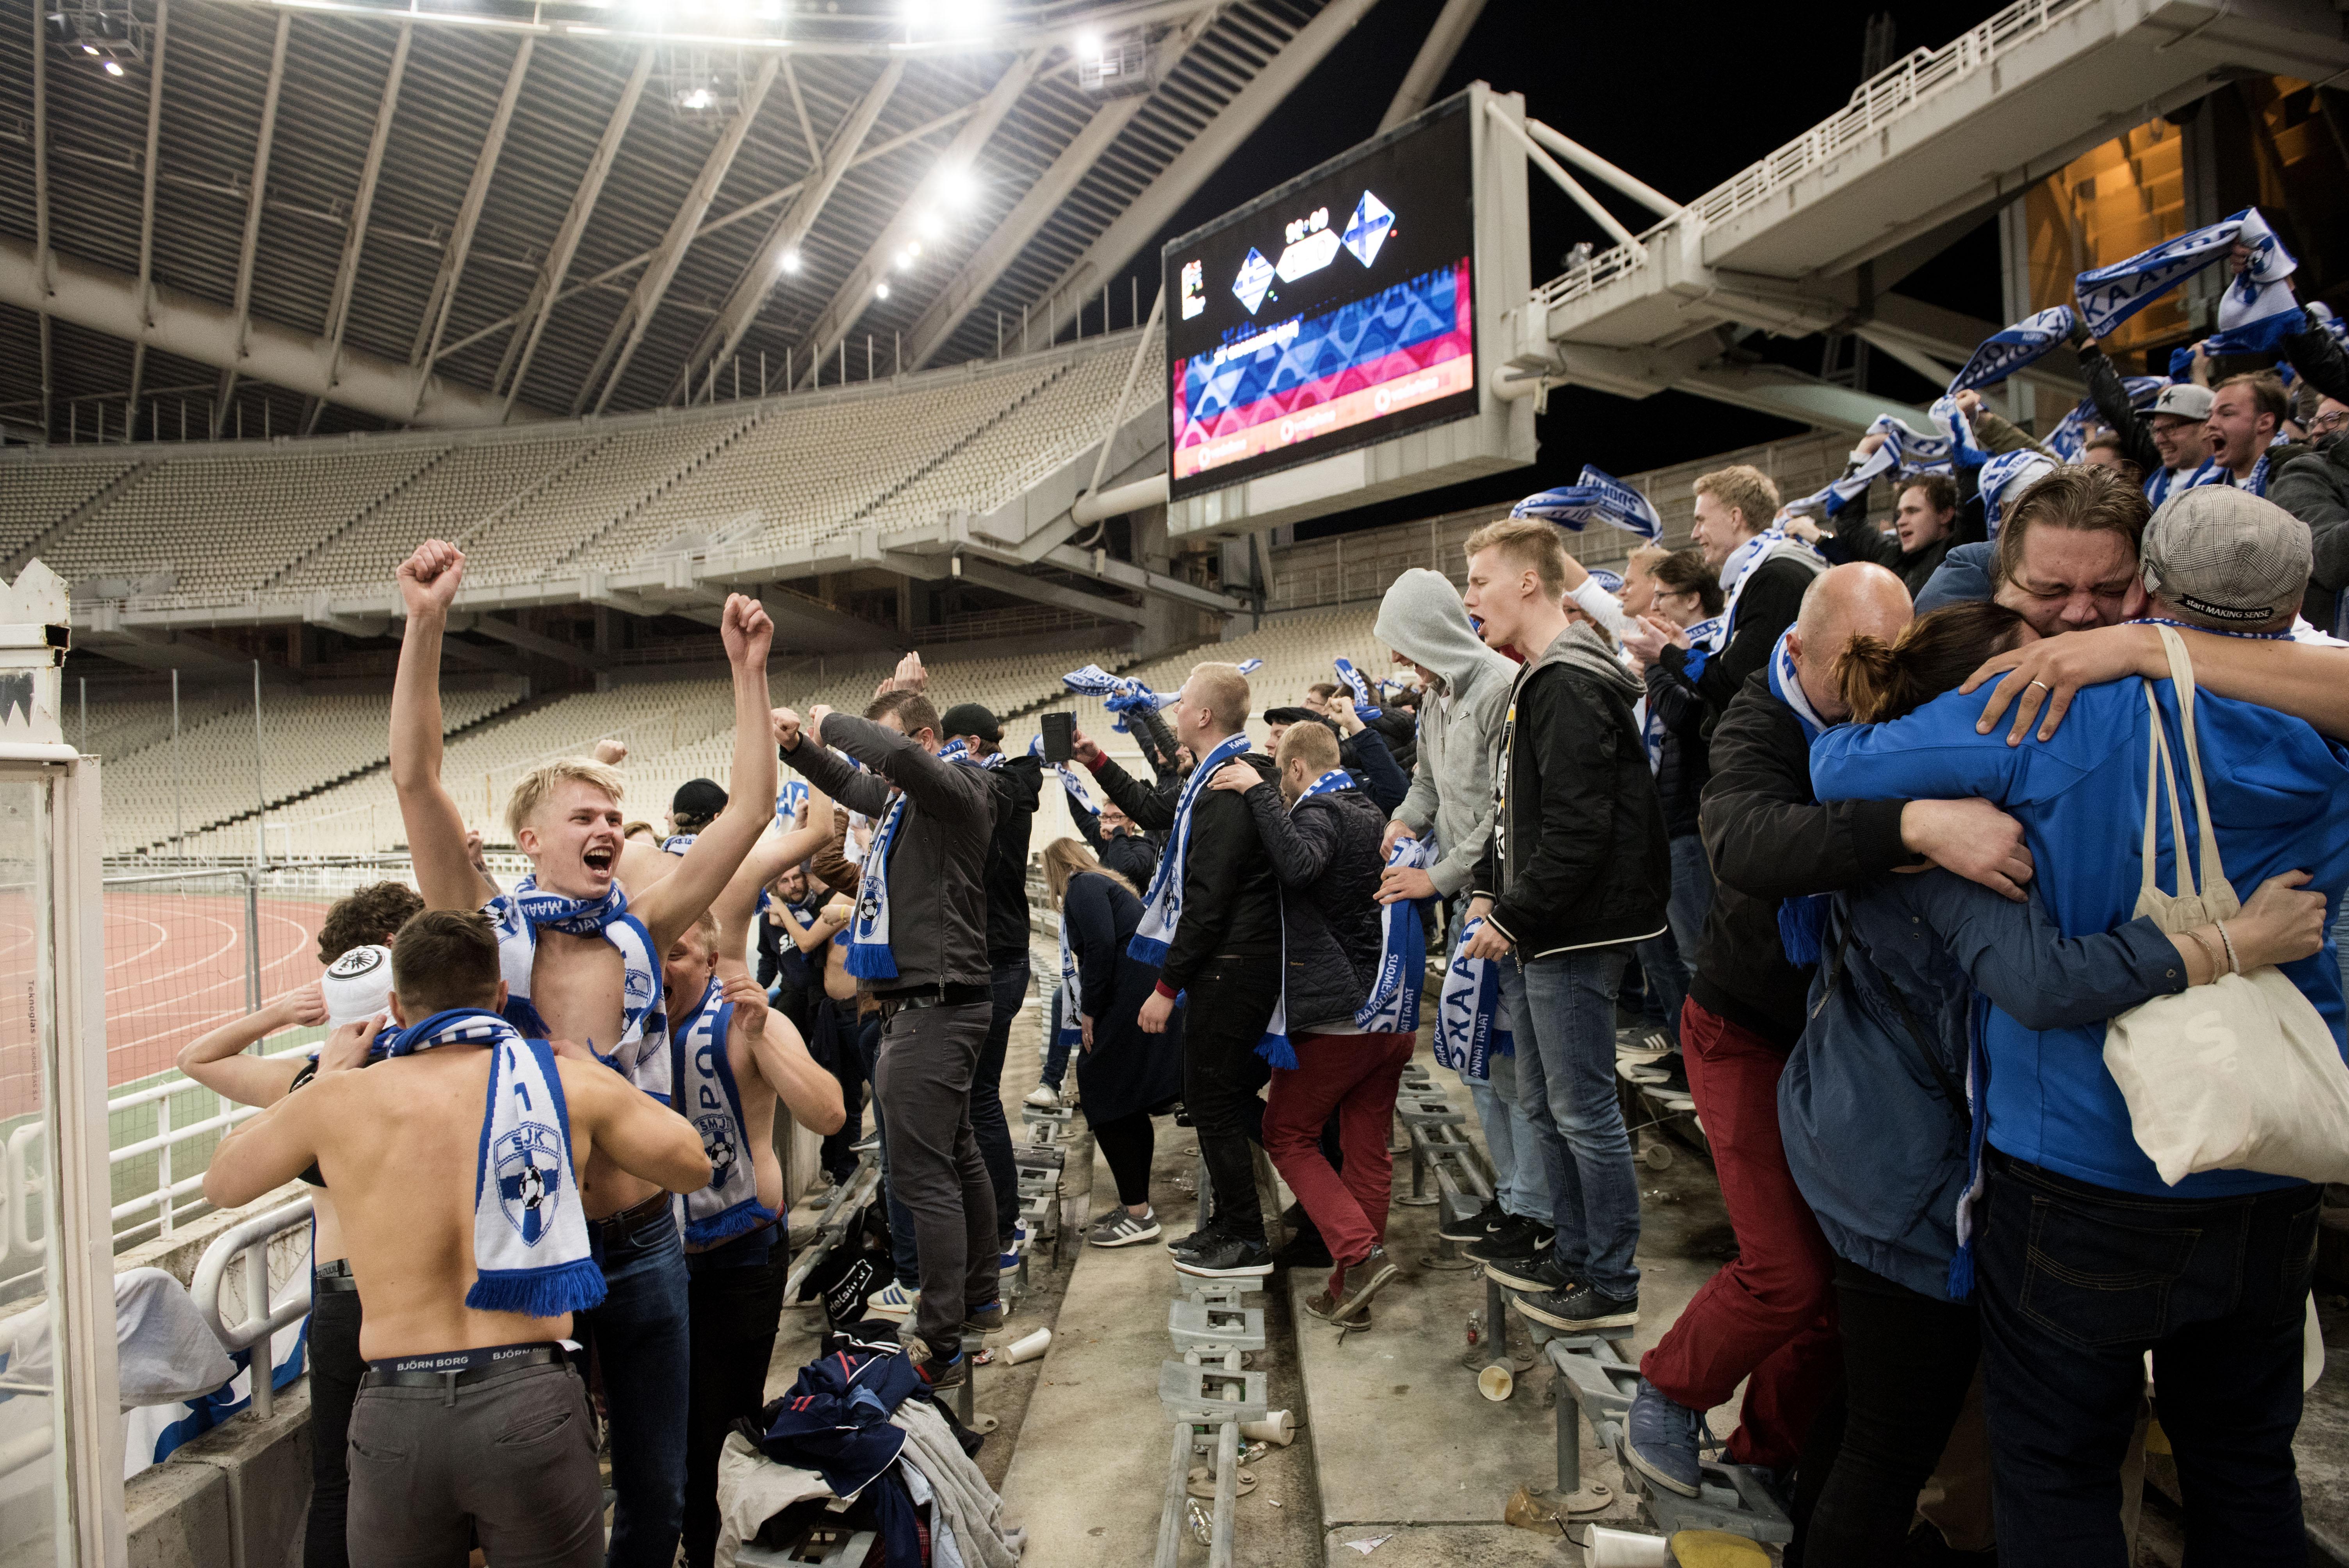 Suomalaisfanien ennenkokematonta riemua päätösvihellyksen jälkeen.